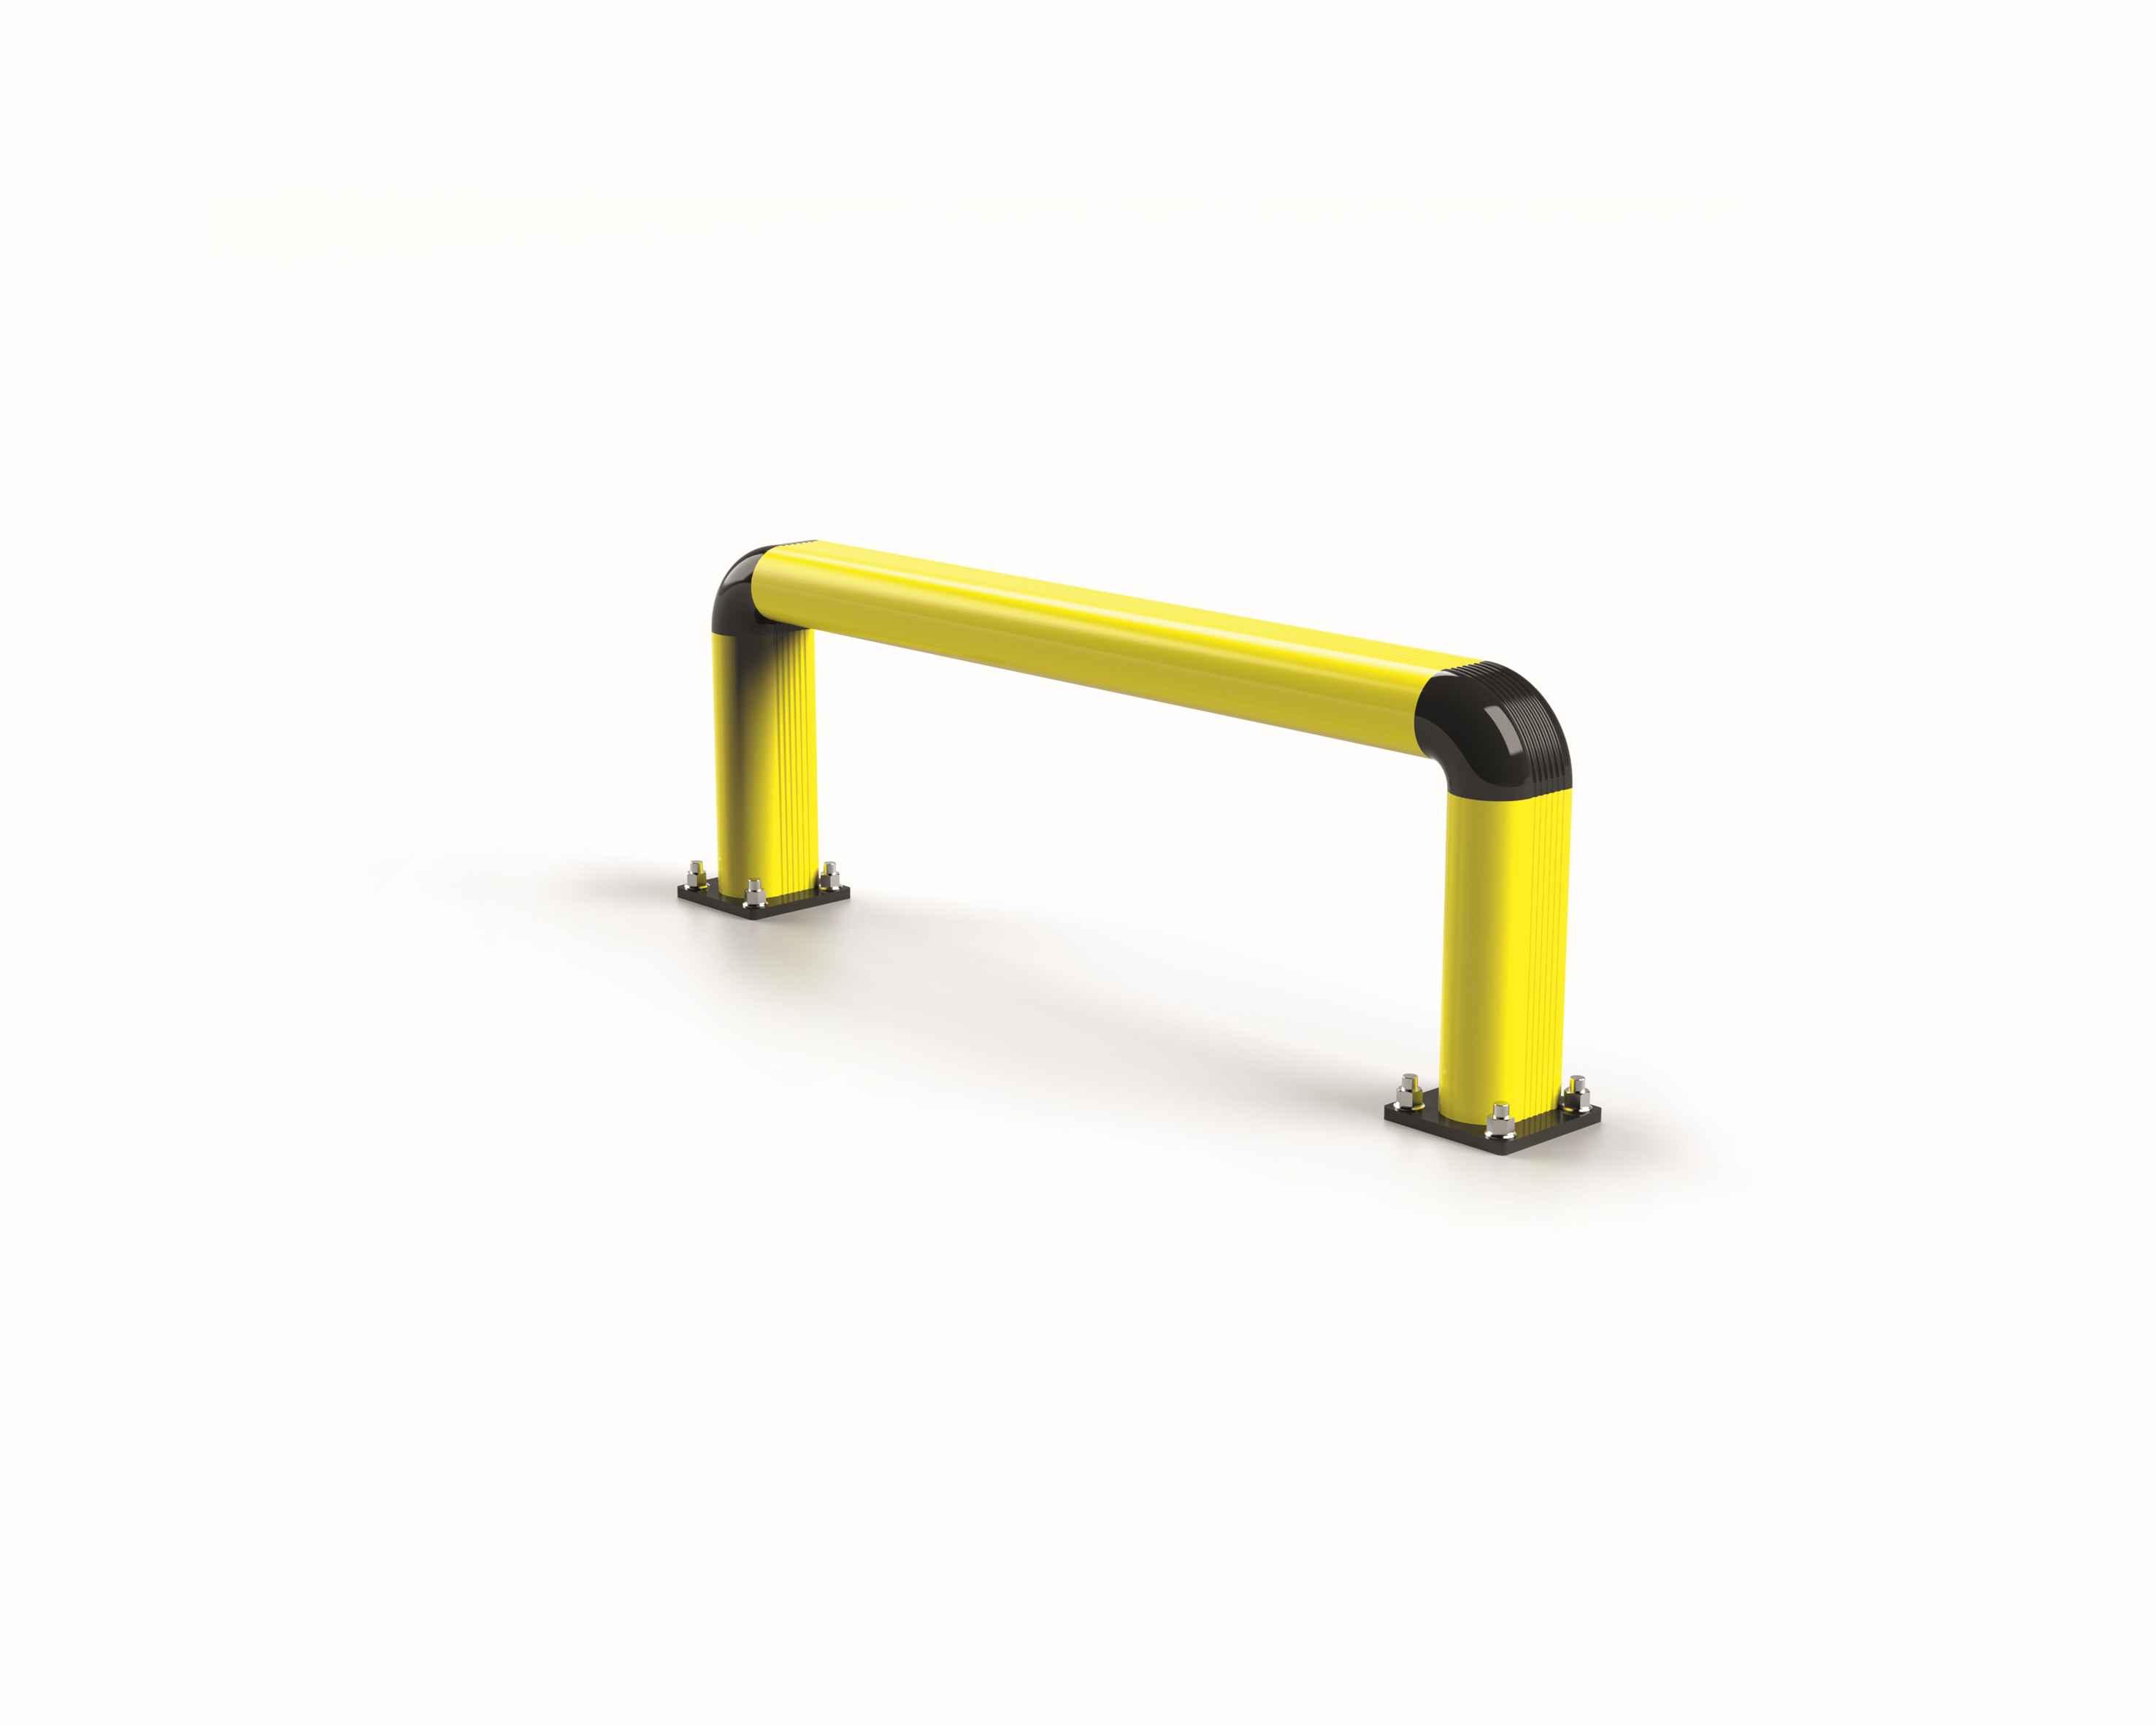 Modułowa elastyczna bariera F2 550 x 1100 mm - standardowy wymiar